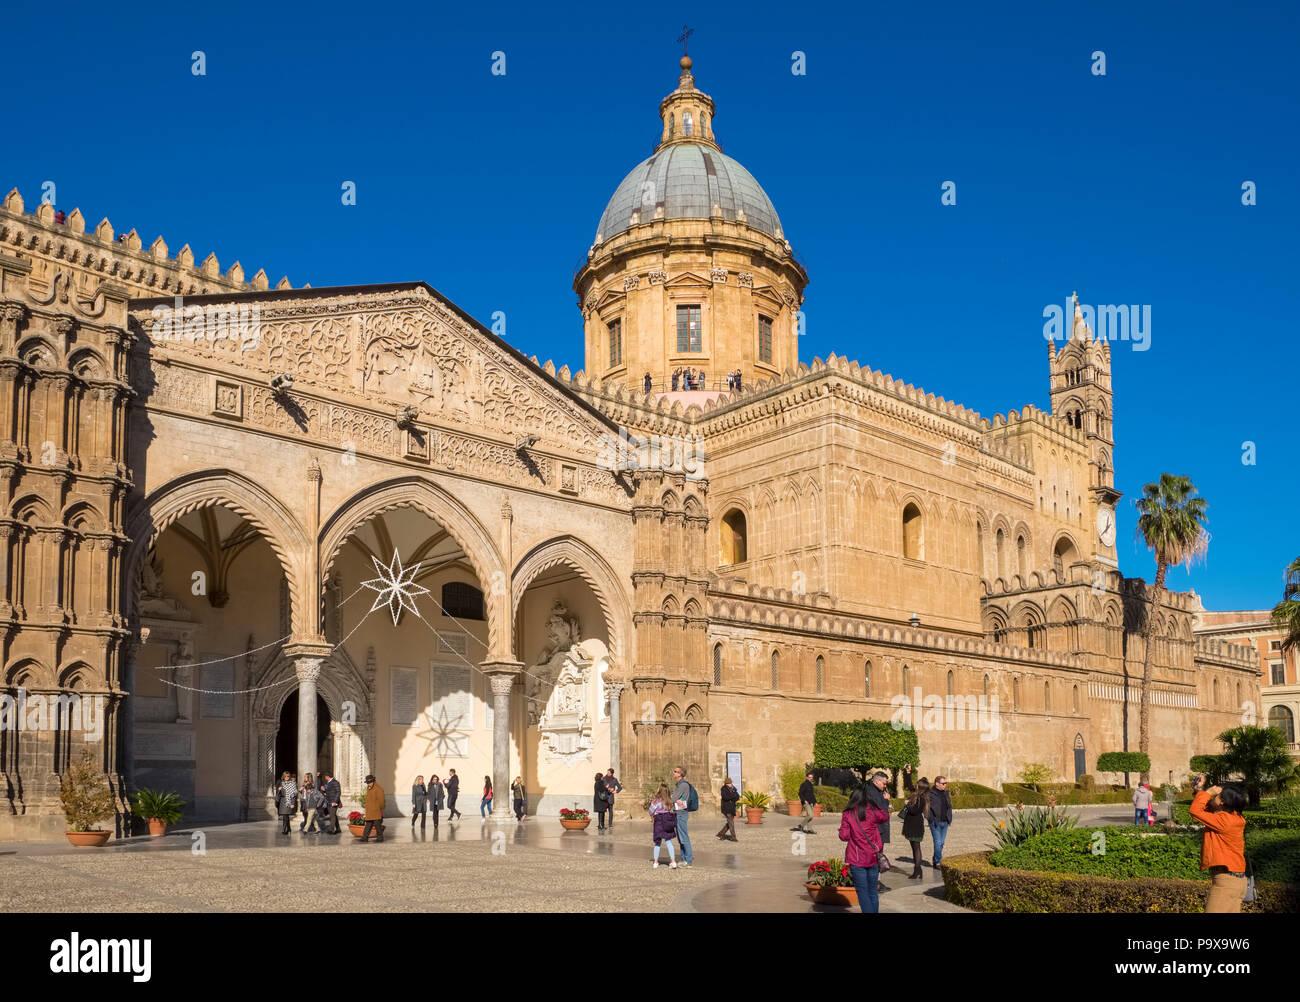 Esterno della Cattedrale di Palermo, dell'Assunzione della Vergine Maria, Palermo, Sicilia, Italia, Europa Immagini Stock